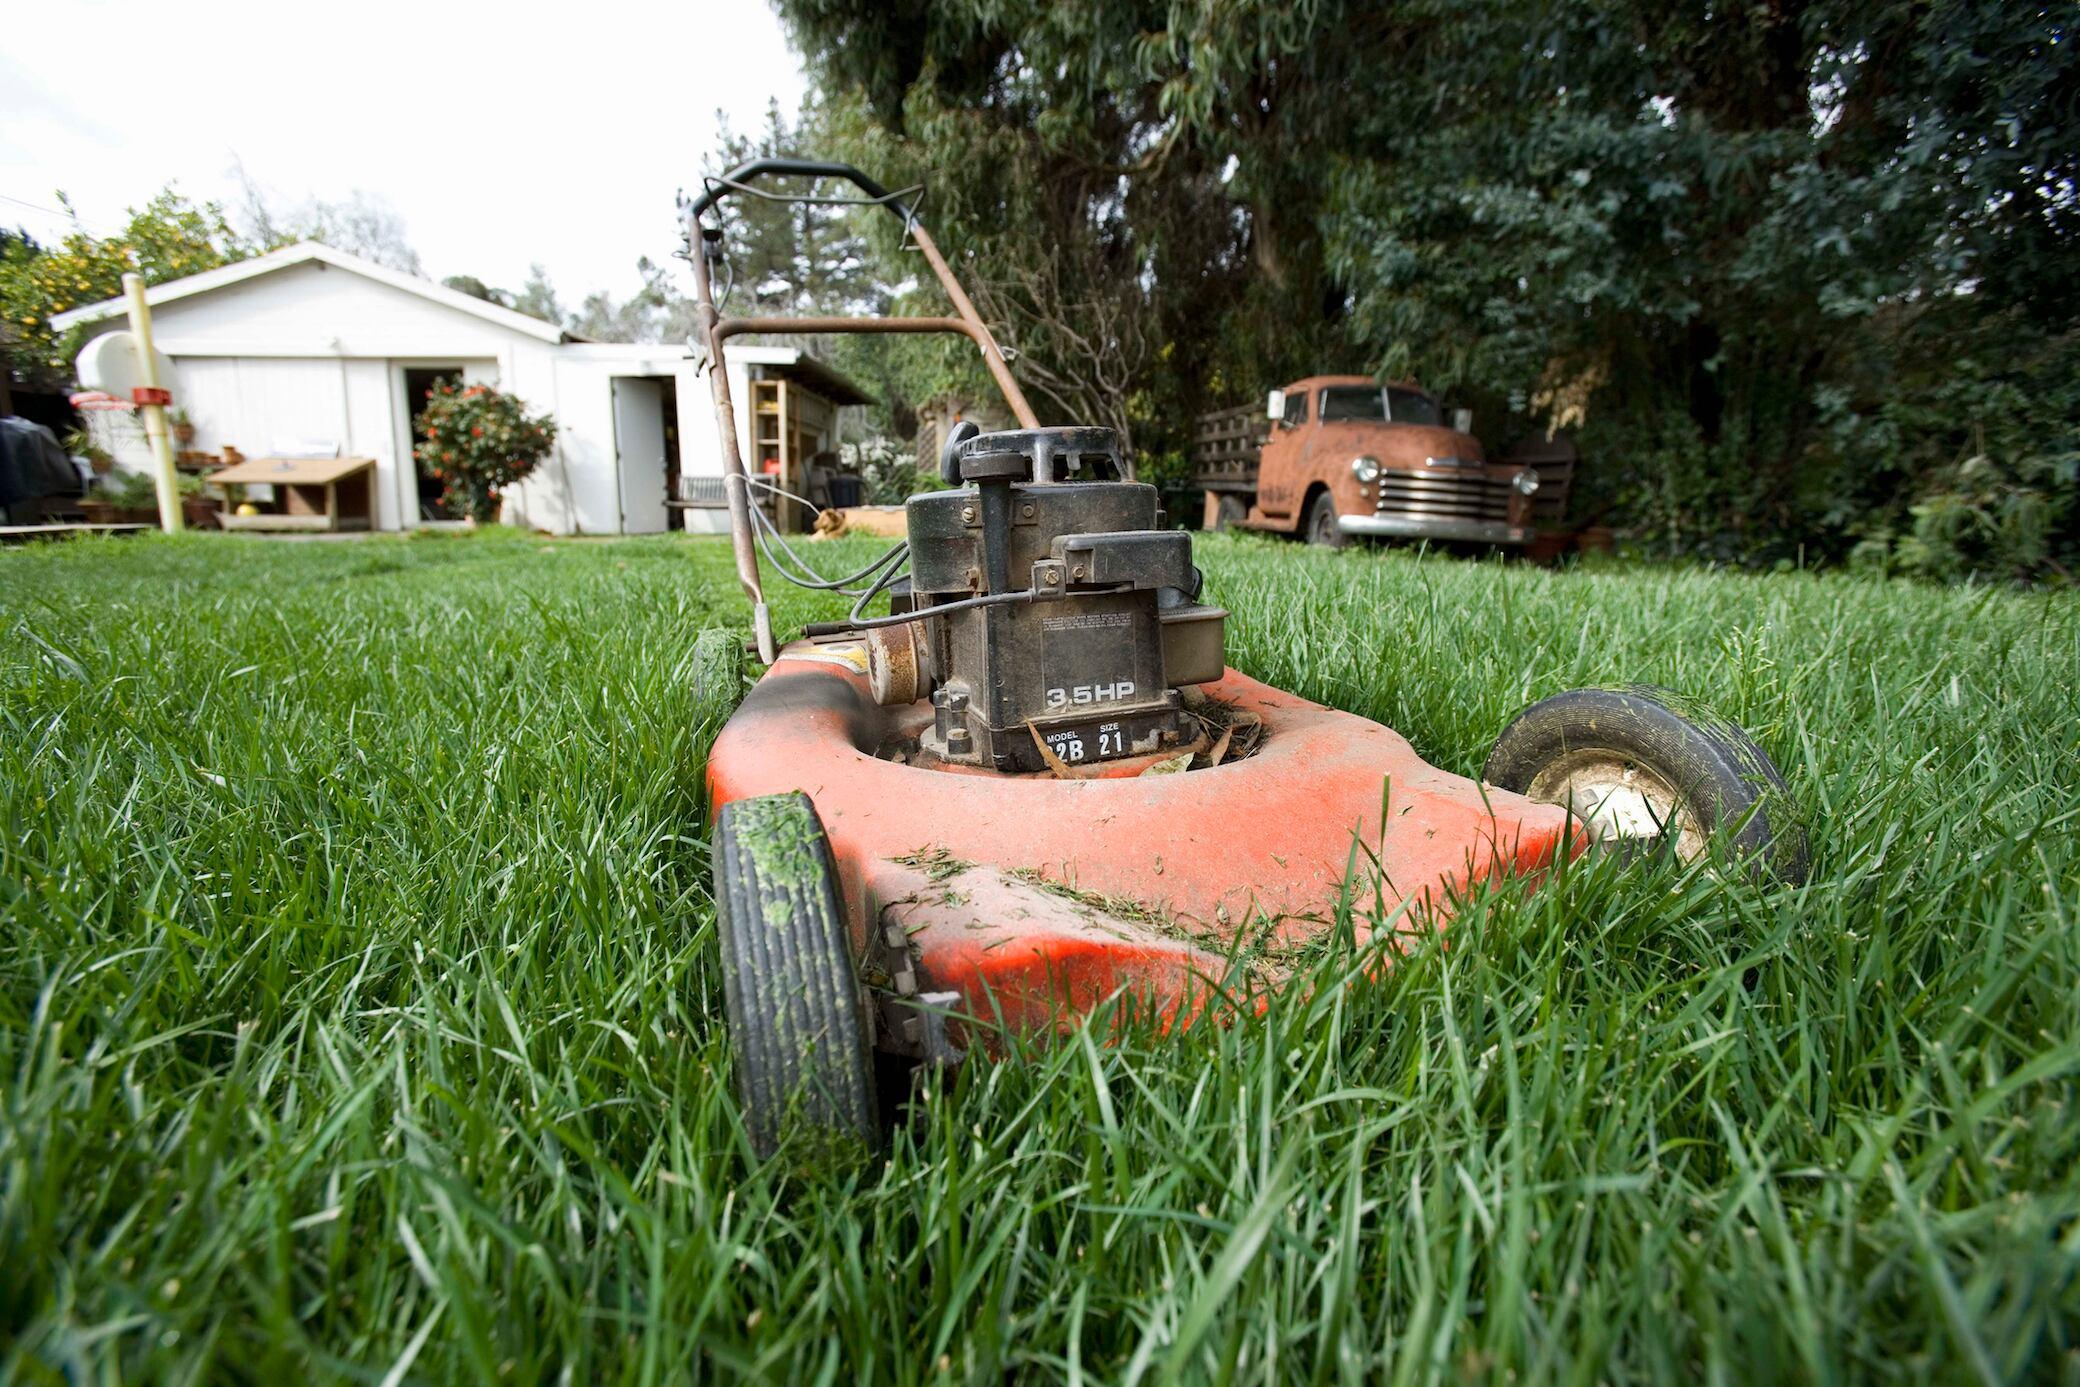 Rasenmäher springt nicht an? 7 mögliche Ursachen